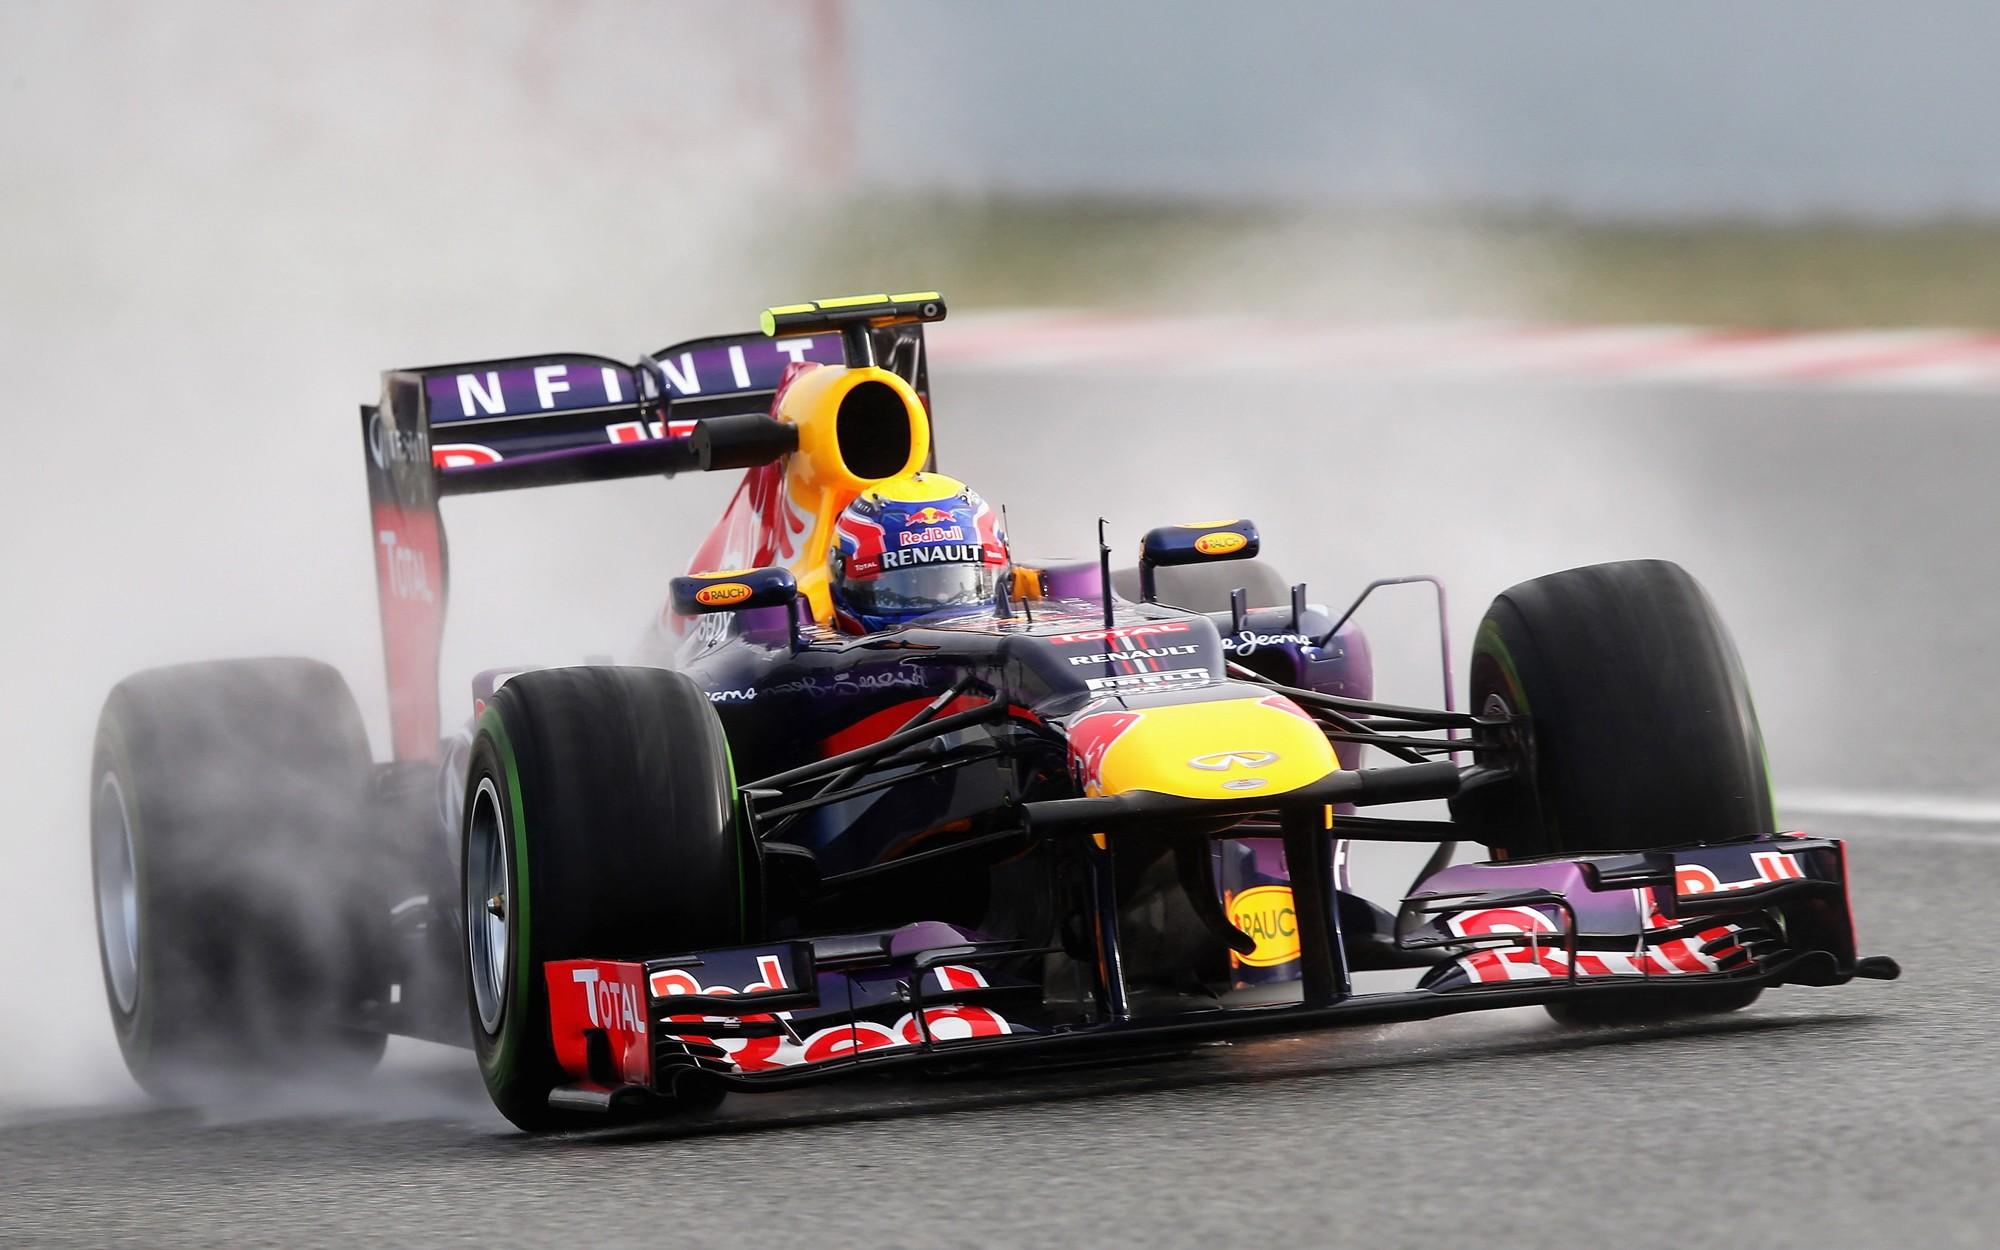 Formula 1 con Mark Webber - 2000x1250